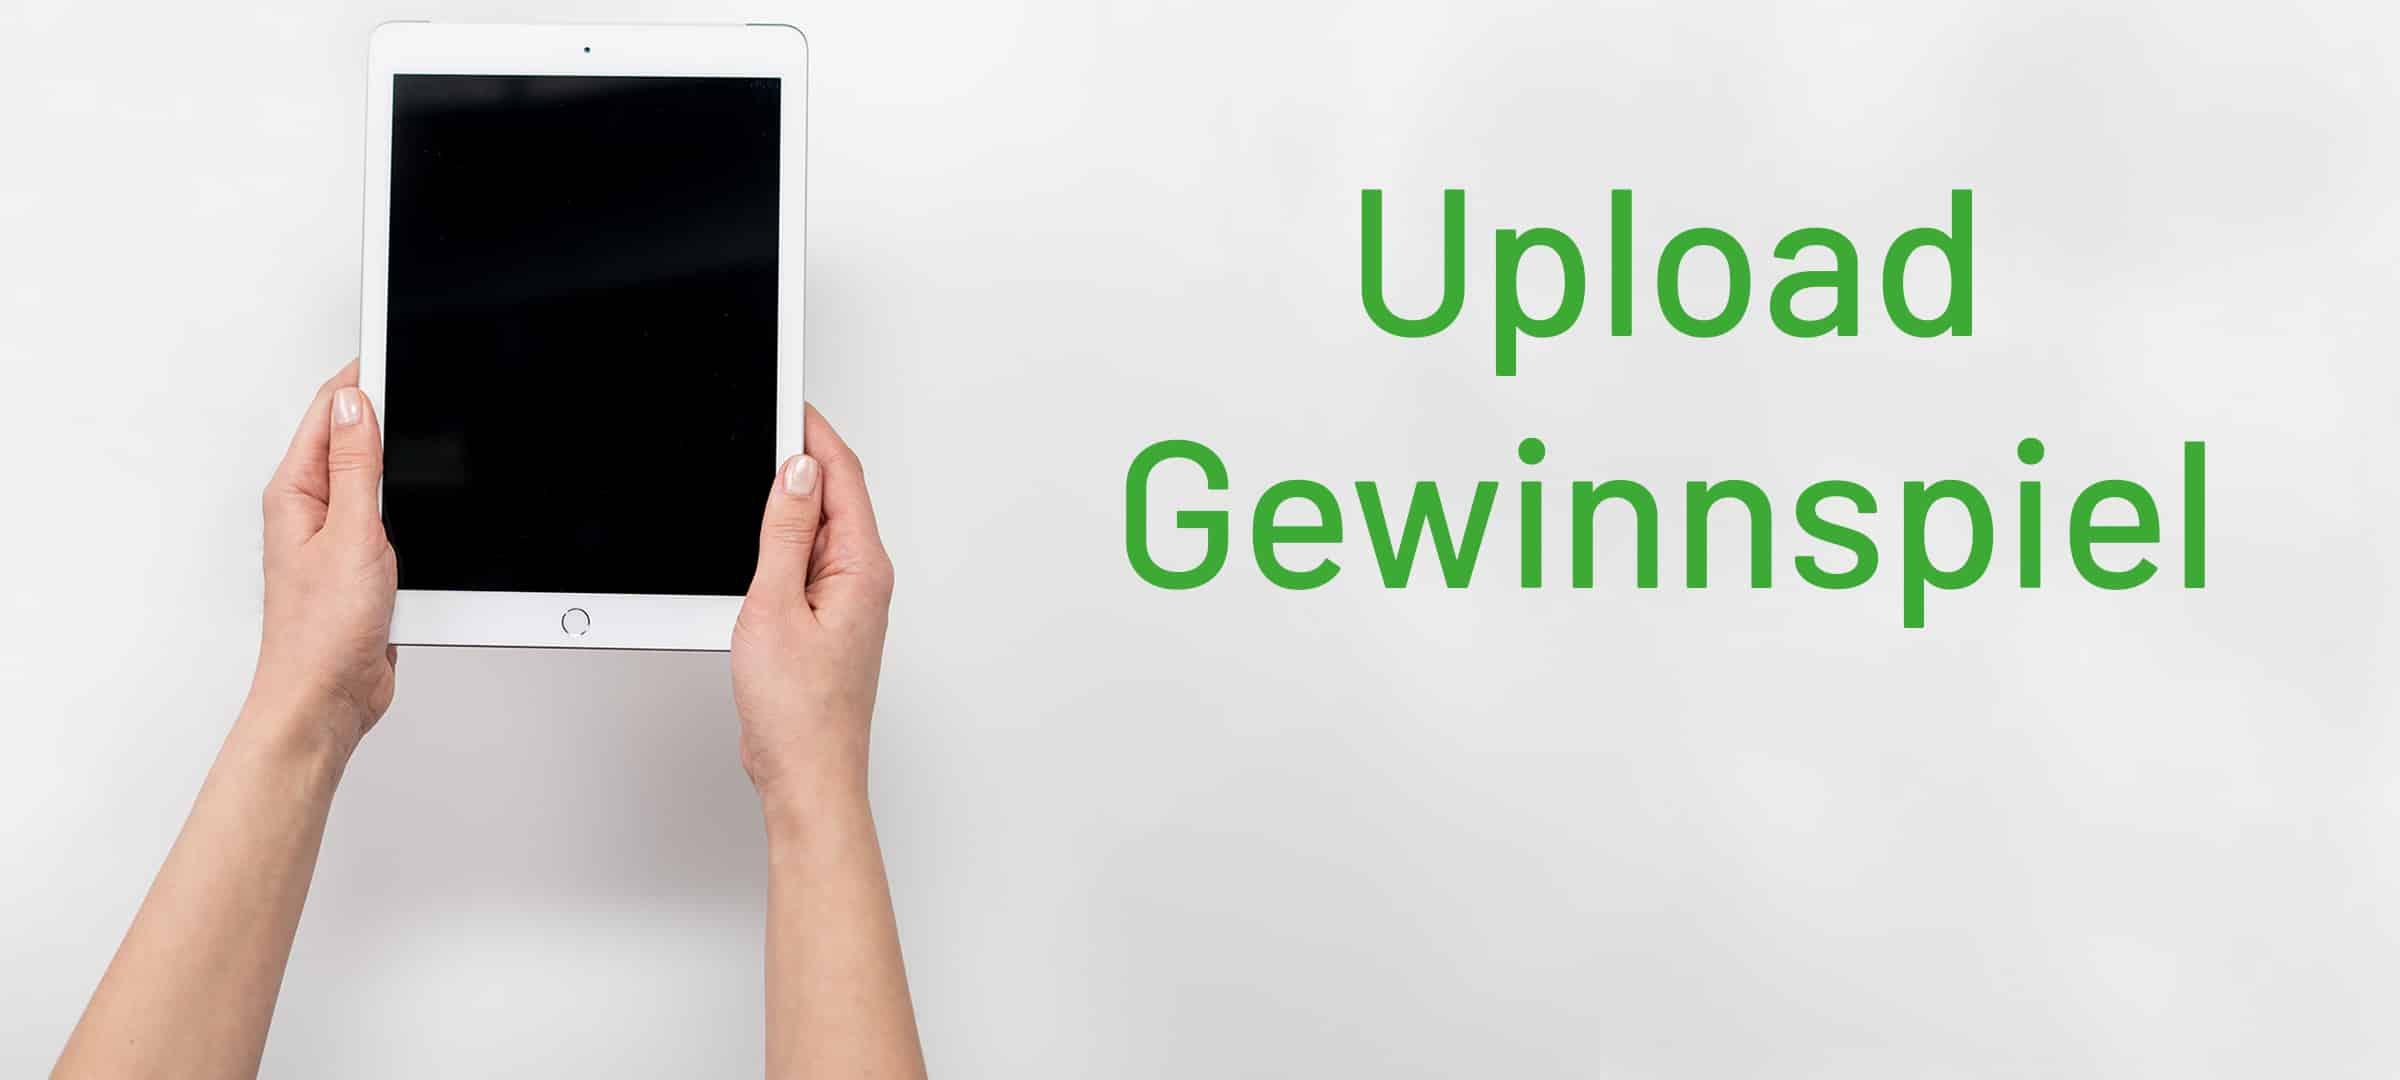 Bild von einem iPad, das es bei GRIN zu gewinnen gibt